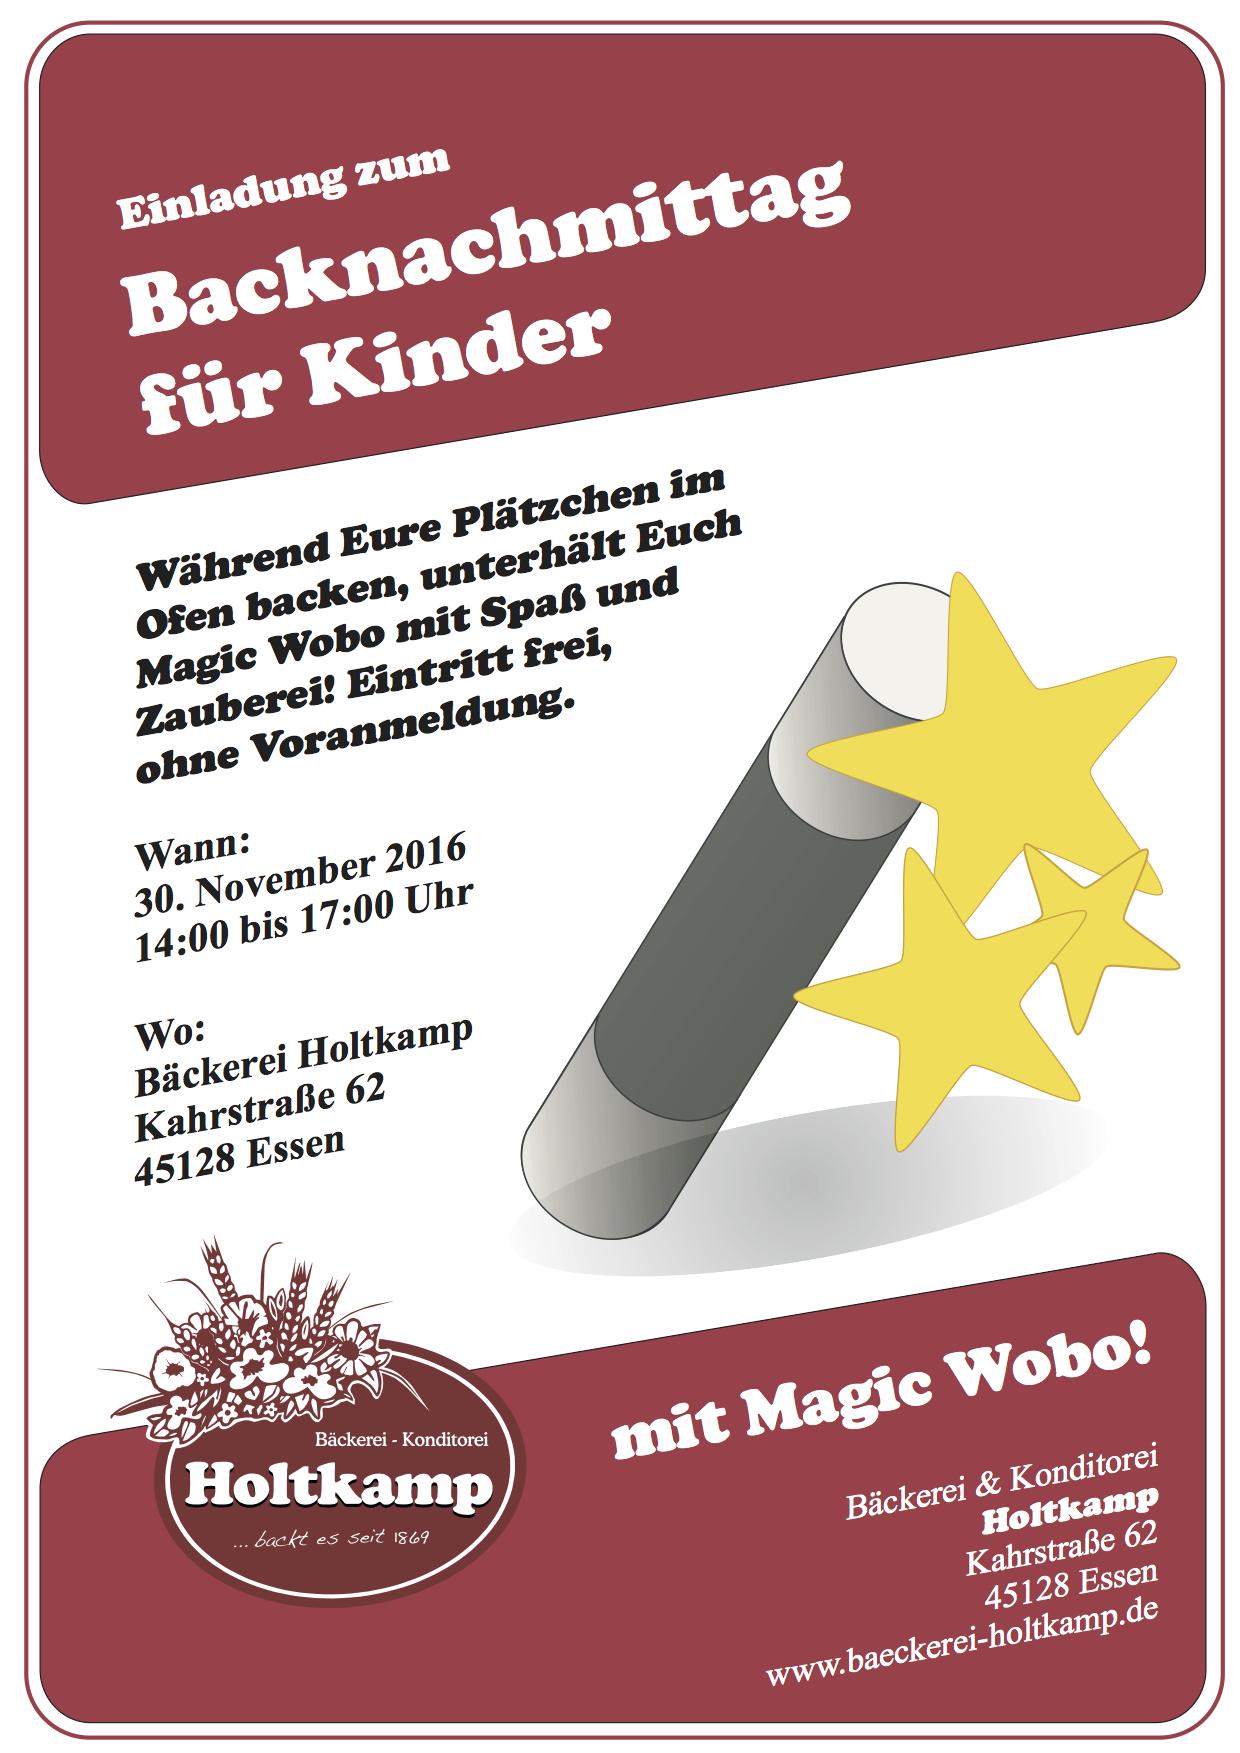 Backnachmittag Für Kinder 2016, Bäckerei Holtkamp, Essen, Kahrstraße, Konditorei Holtkamp